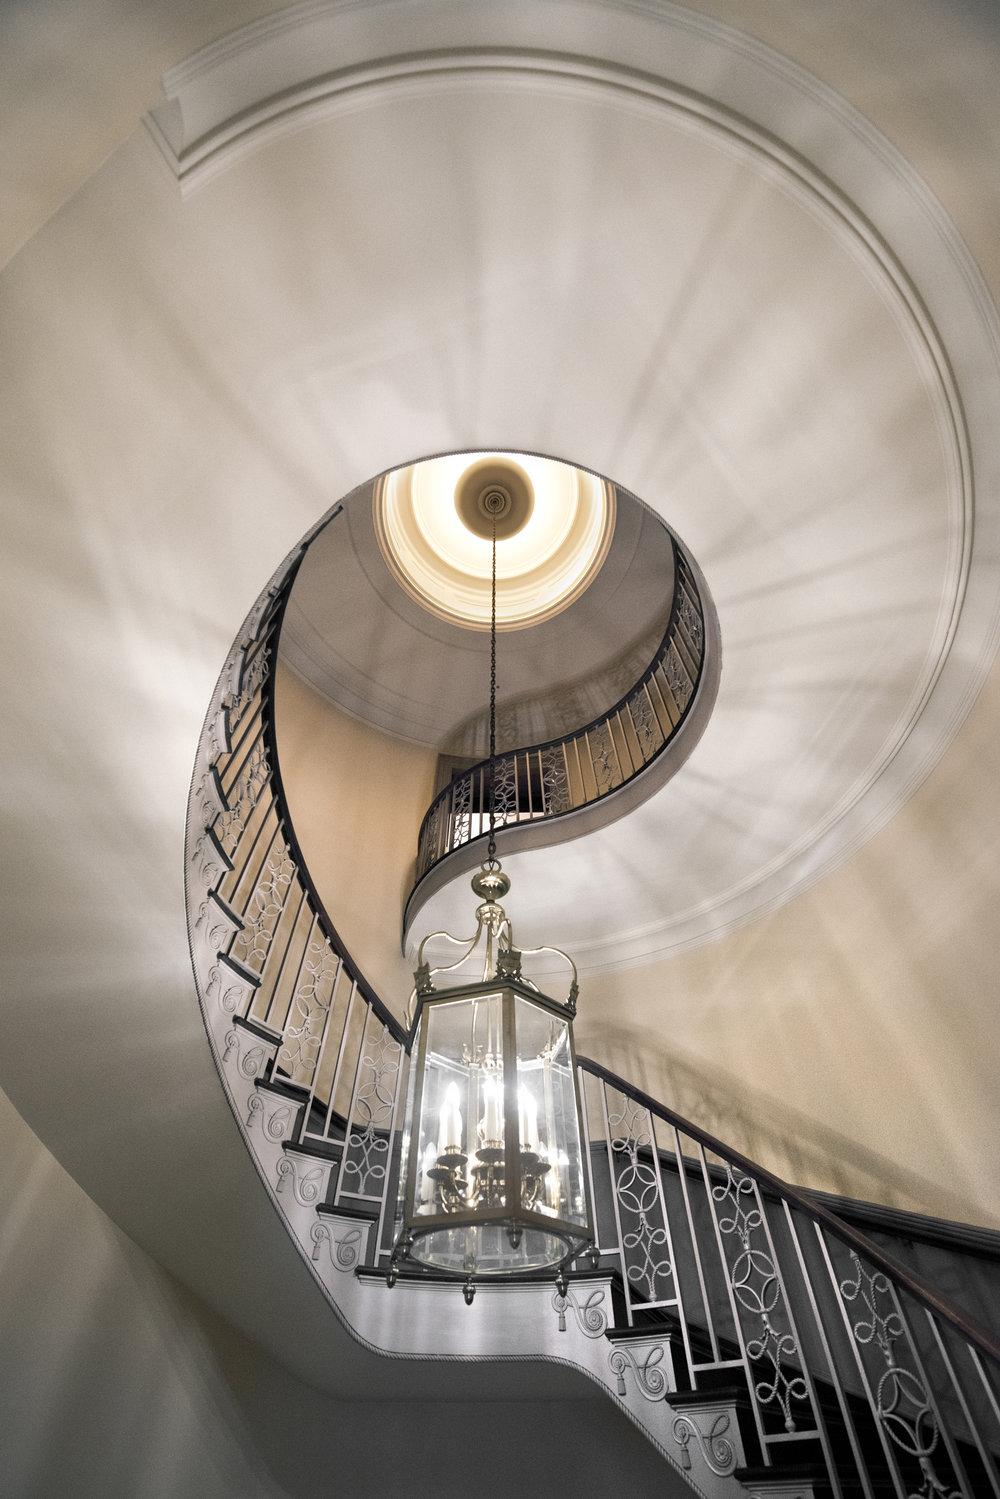 Harvard_stairwell-lowres.jpg